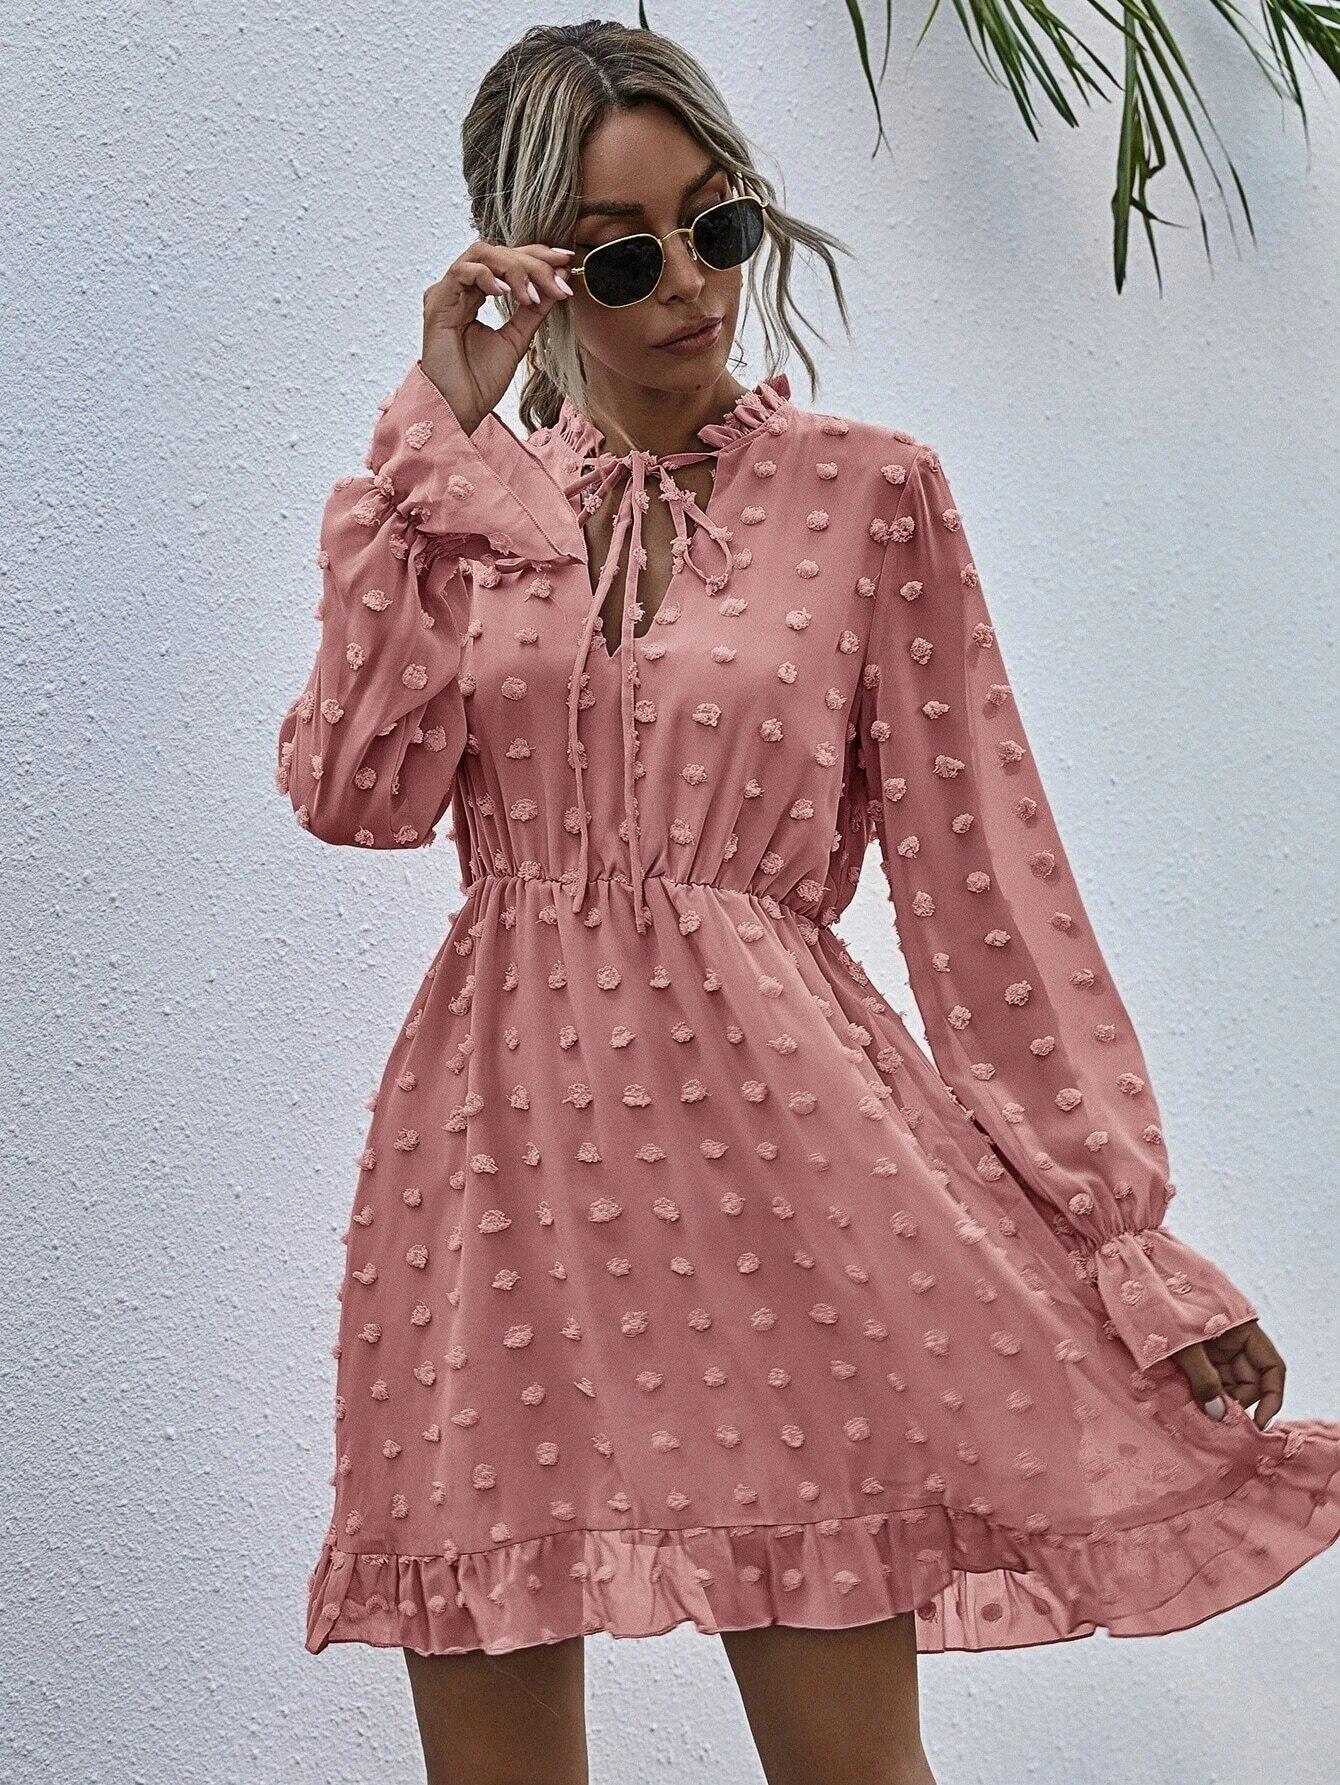 Women Pink Dress for Ladies Applique Chiffon Shirt Dress women Ruffled Neck Long Sleeve High Waist Mini Summer Dress Vestido 11